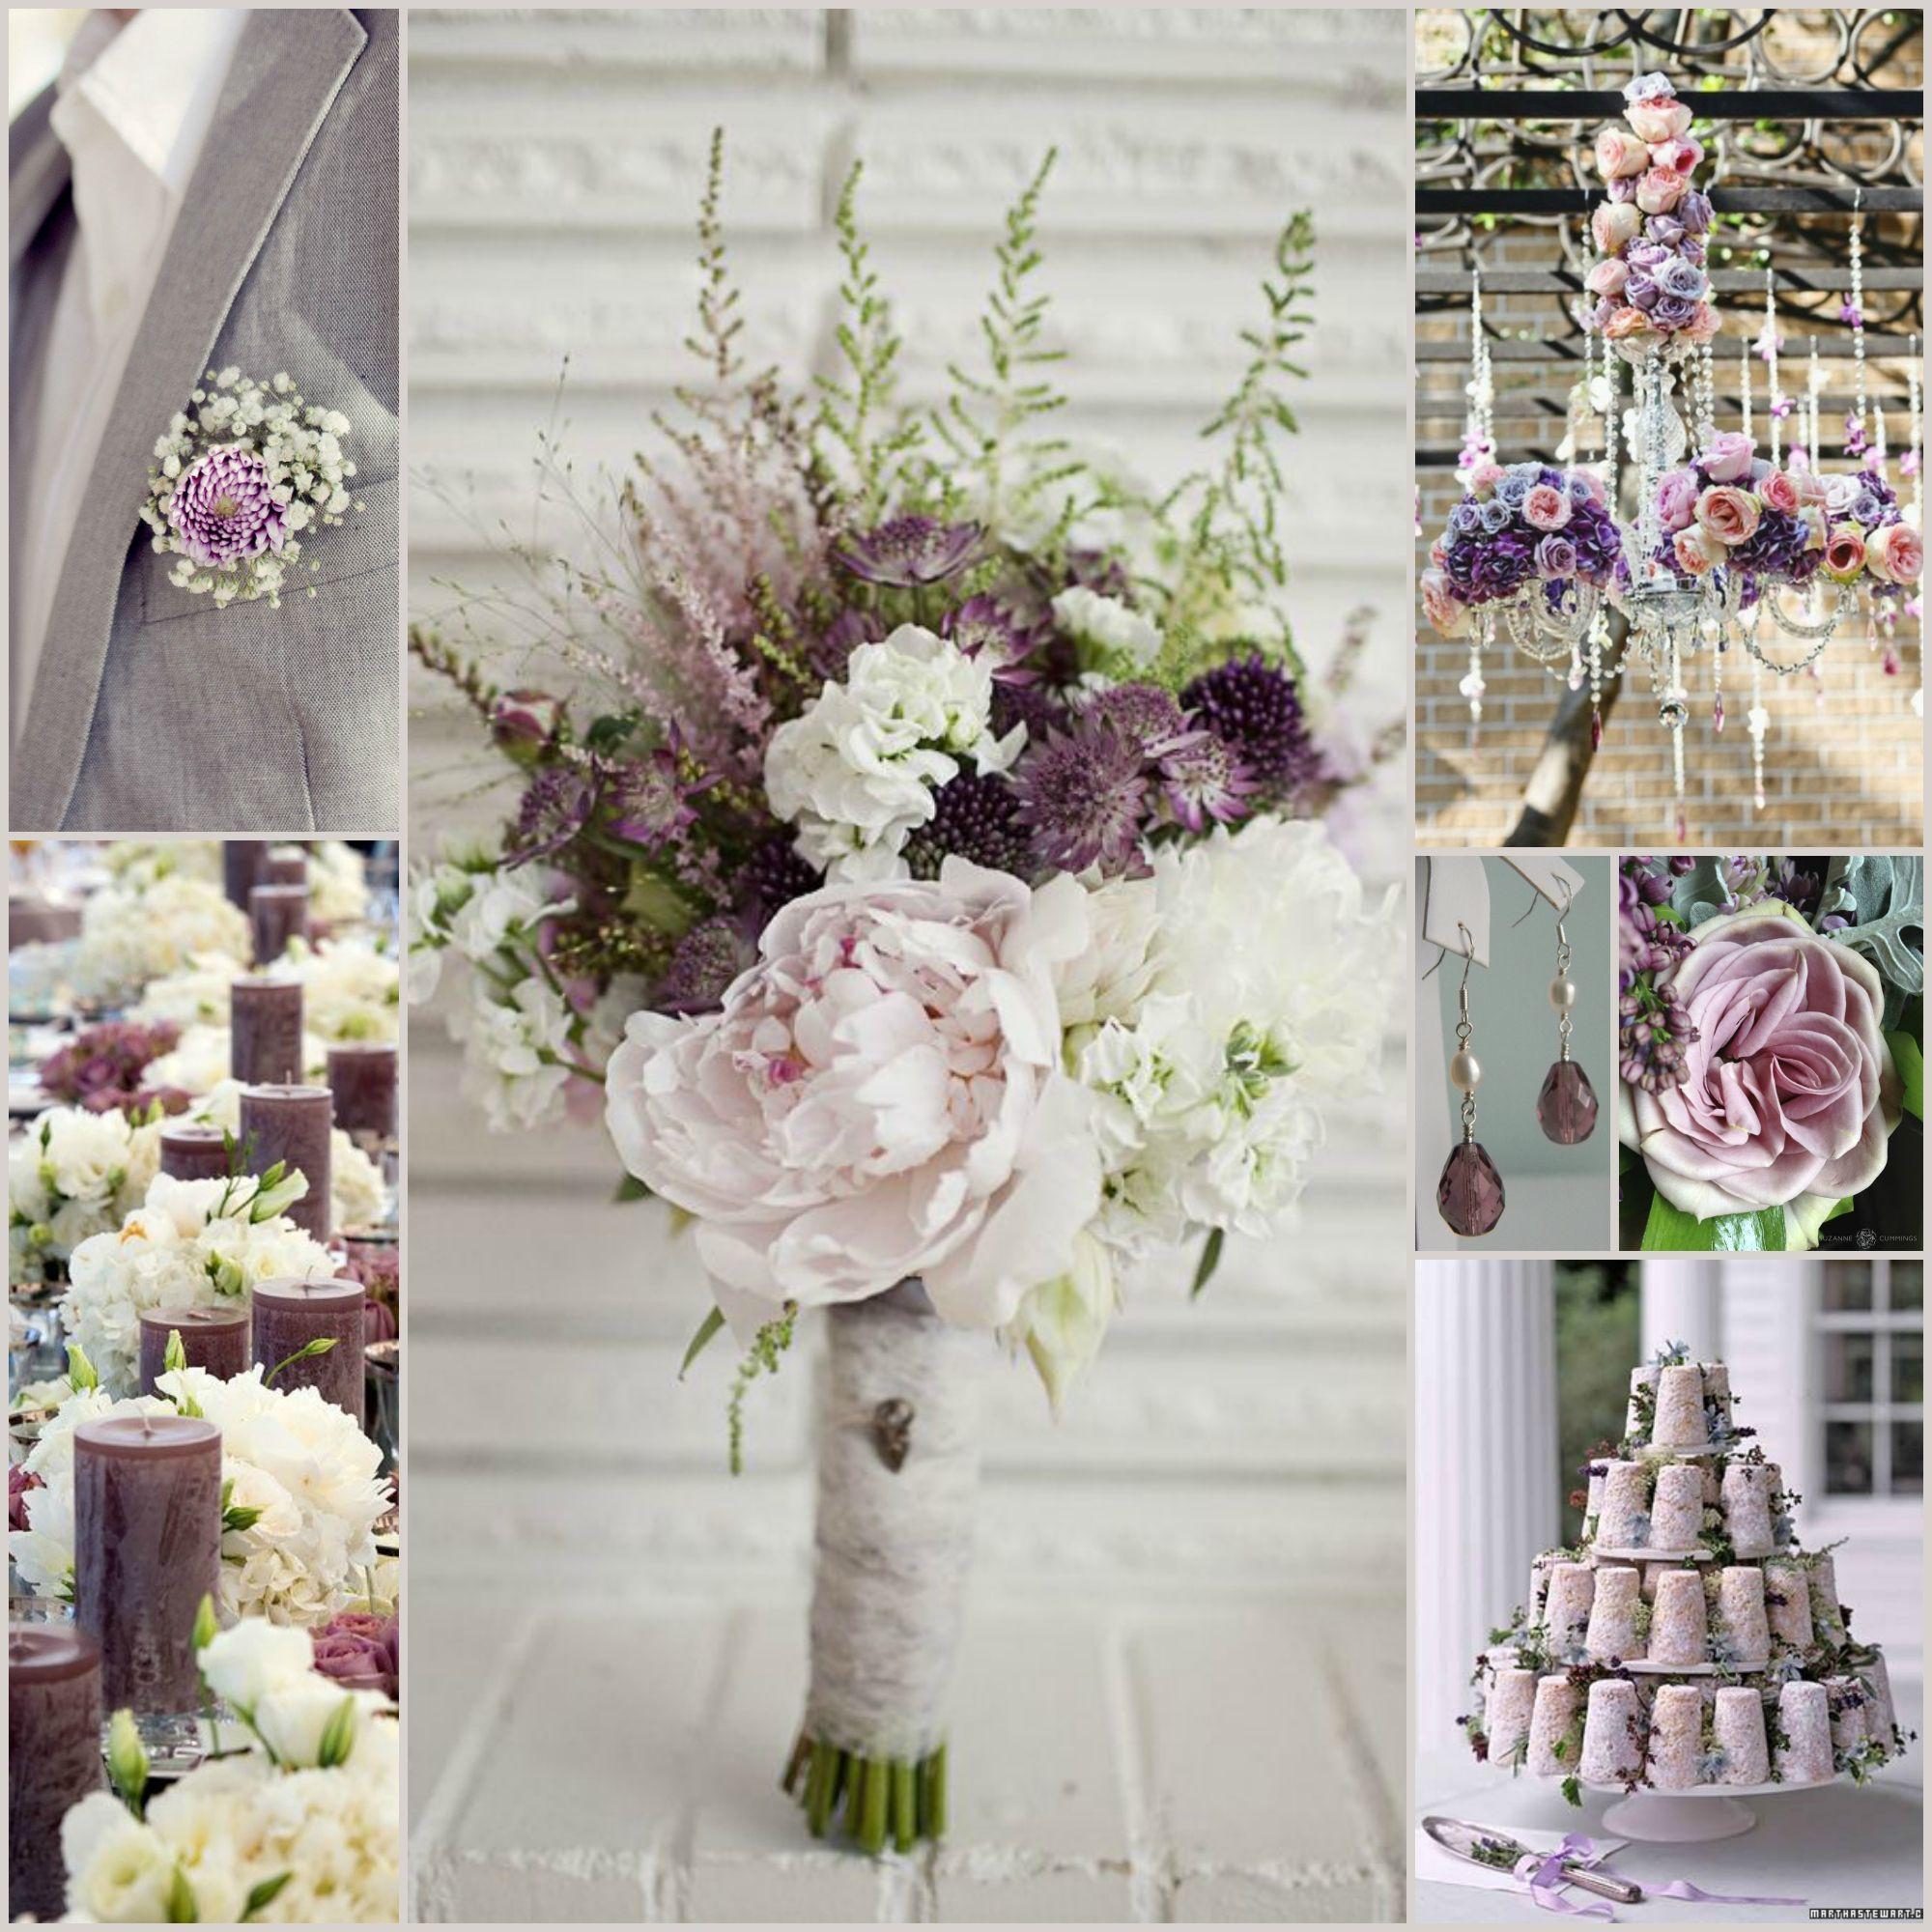 Purple Bohemian Wedding Addaddbafcafc